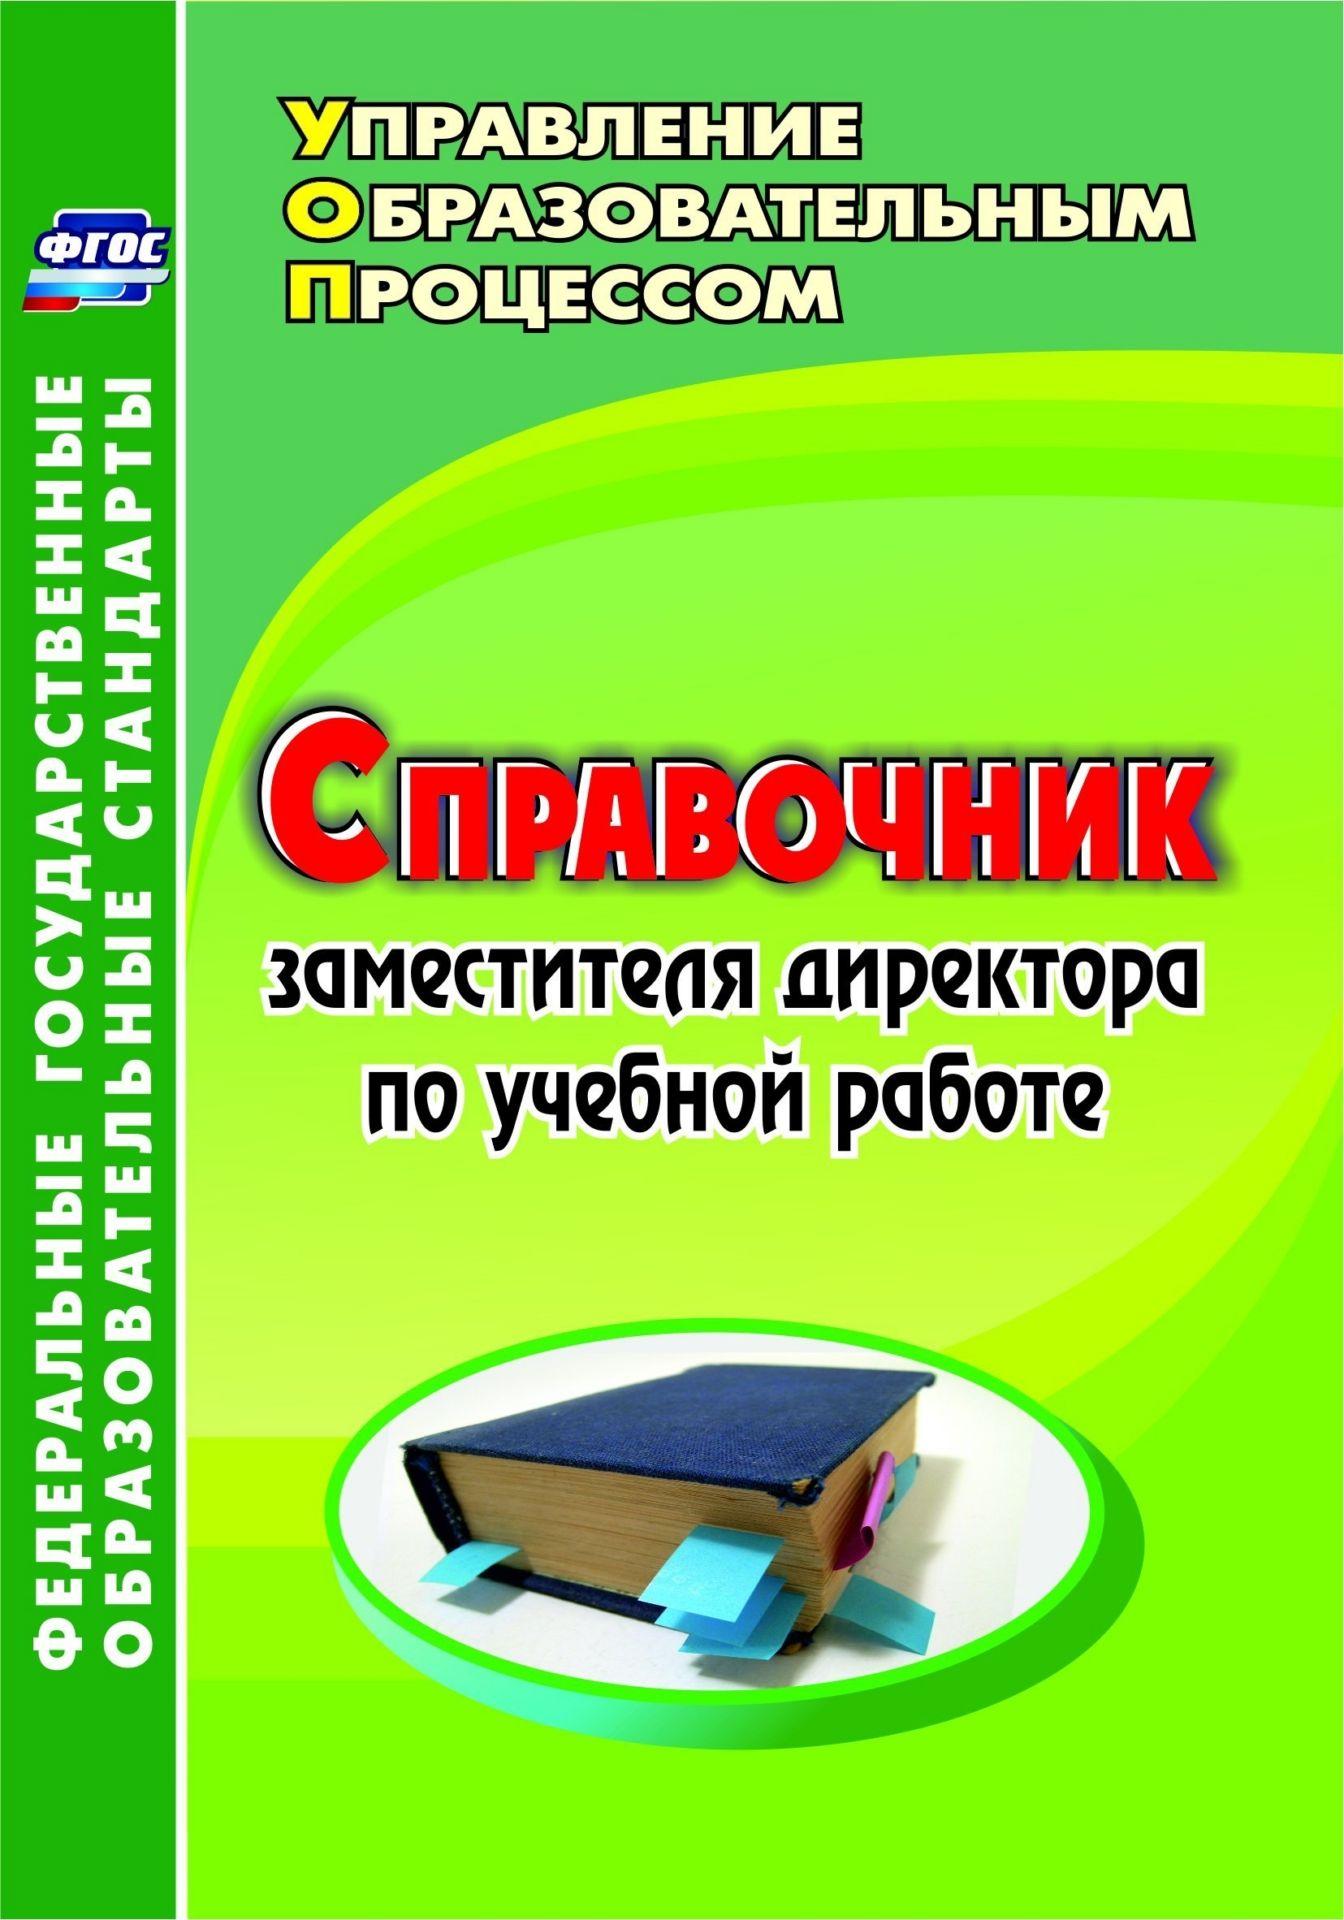 Справочник заместителя директора по учебной работе. Программа для установки через интернет